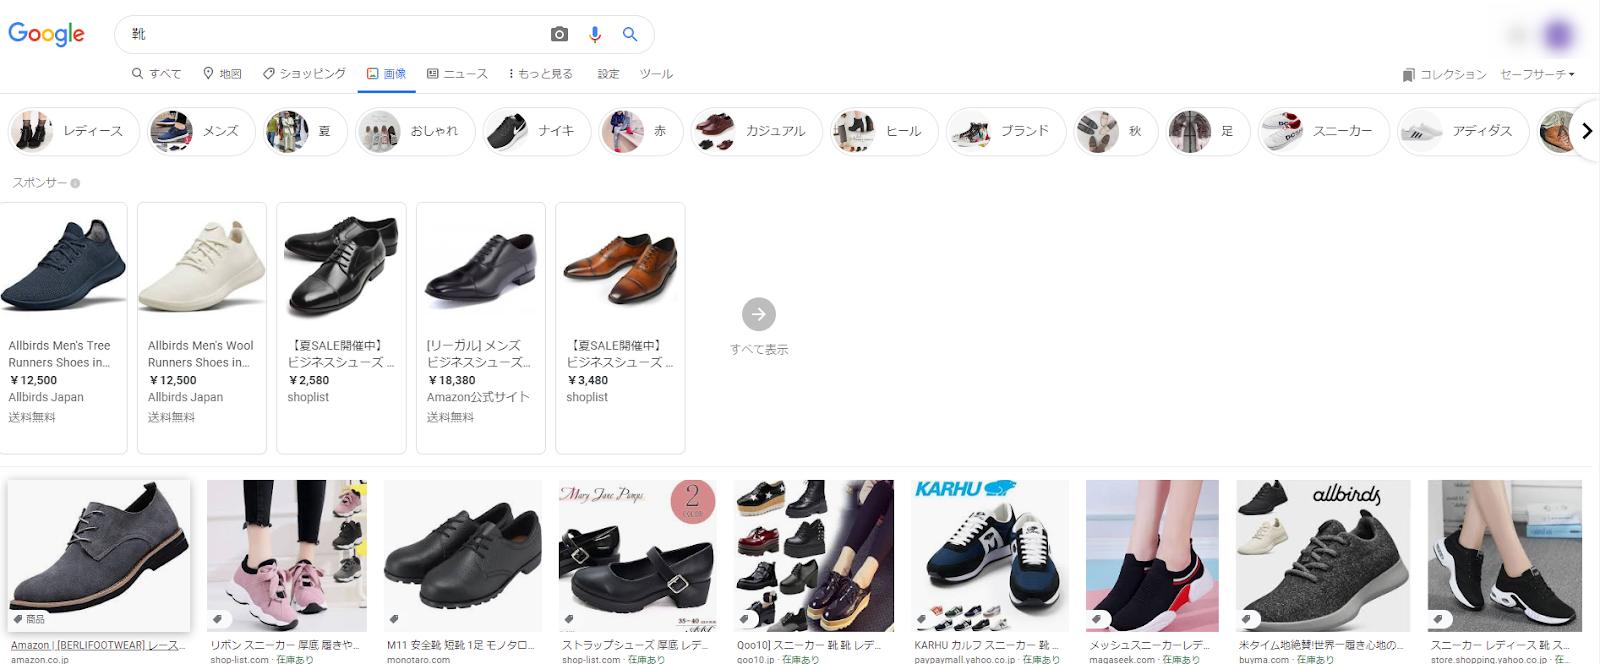 靴の画像検索のスクリーンショット